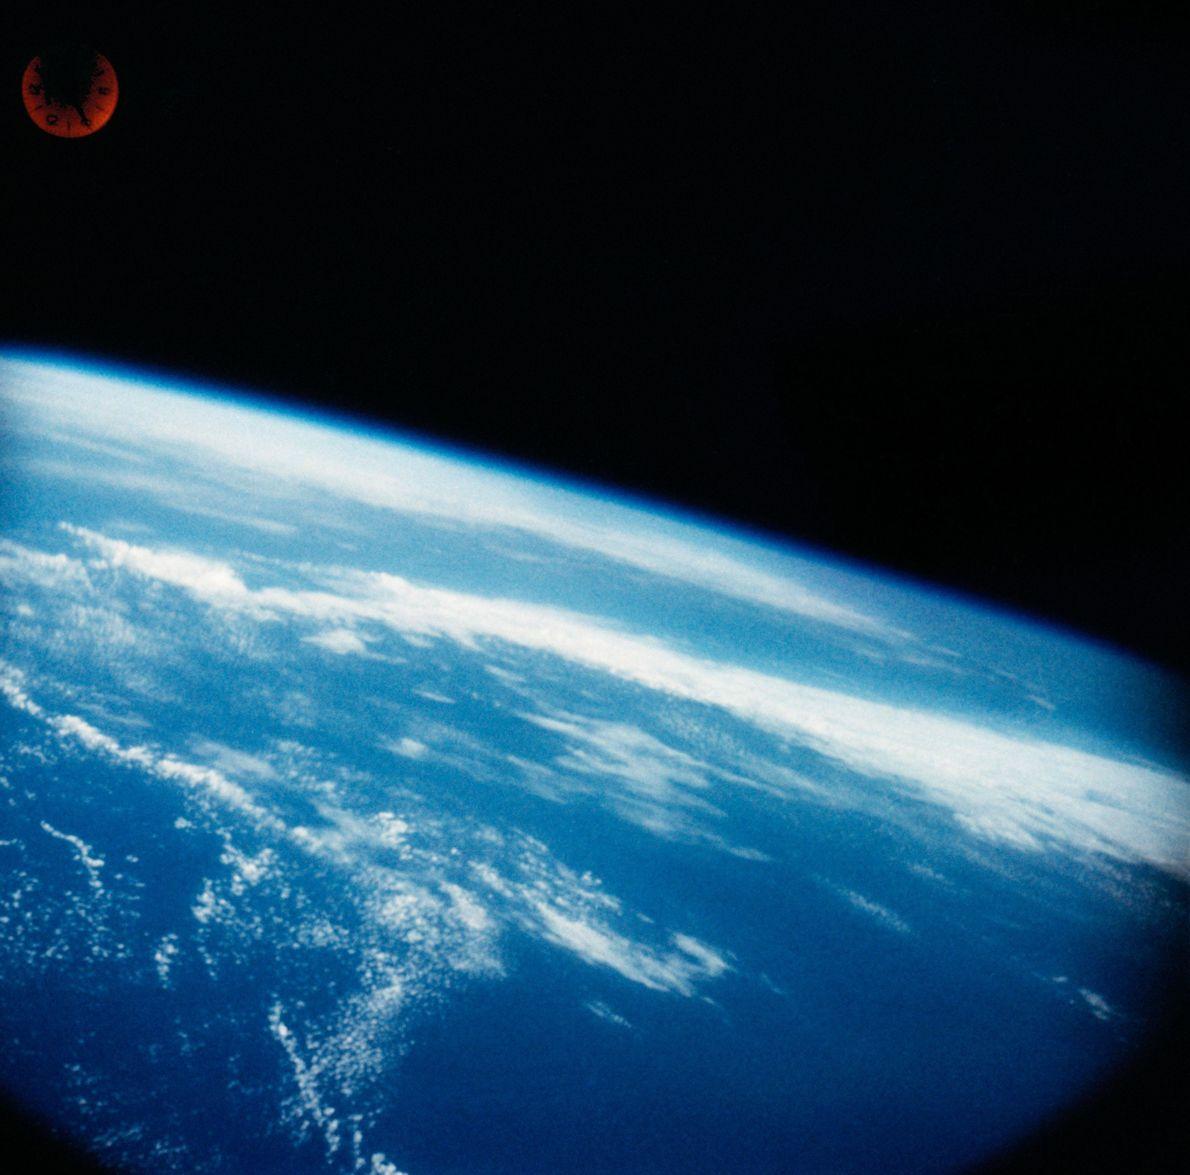 Foto de la Tierra sacada por Wally Schirra